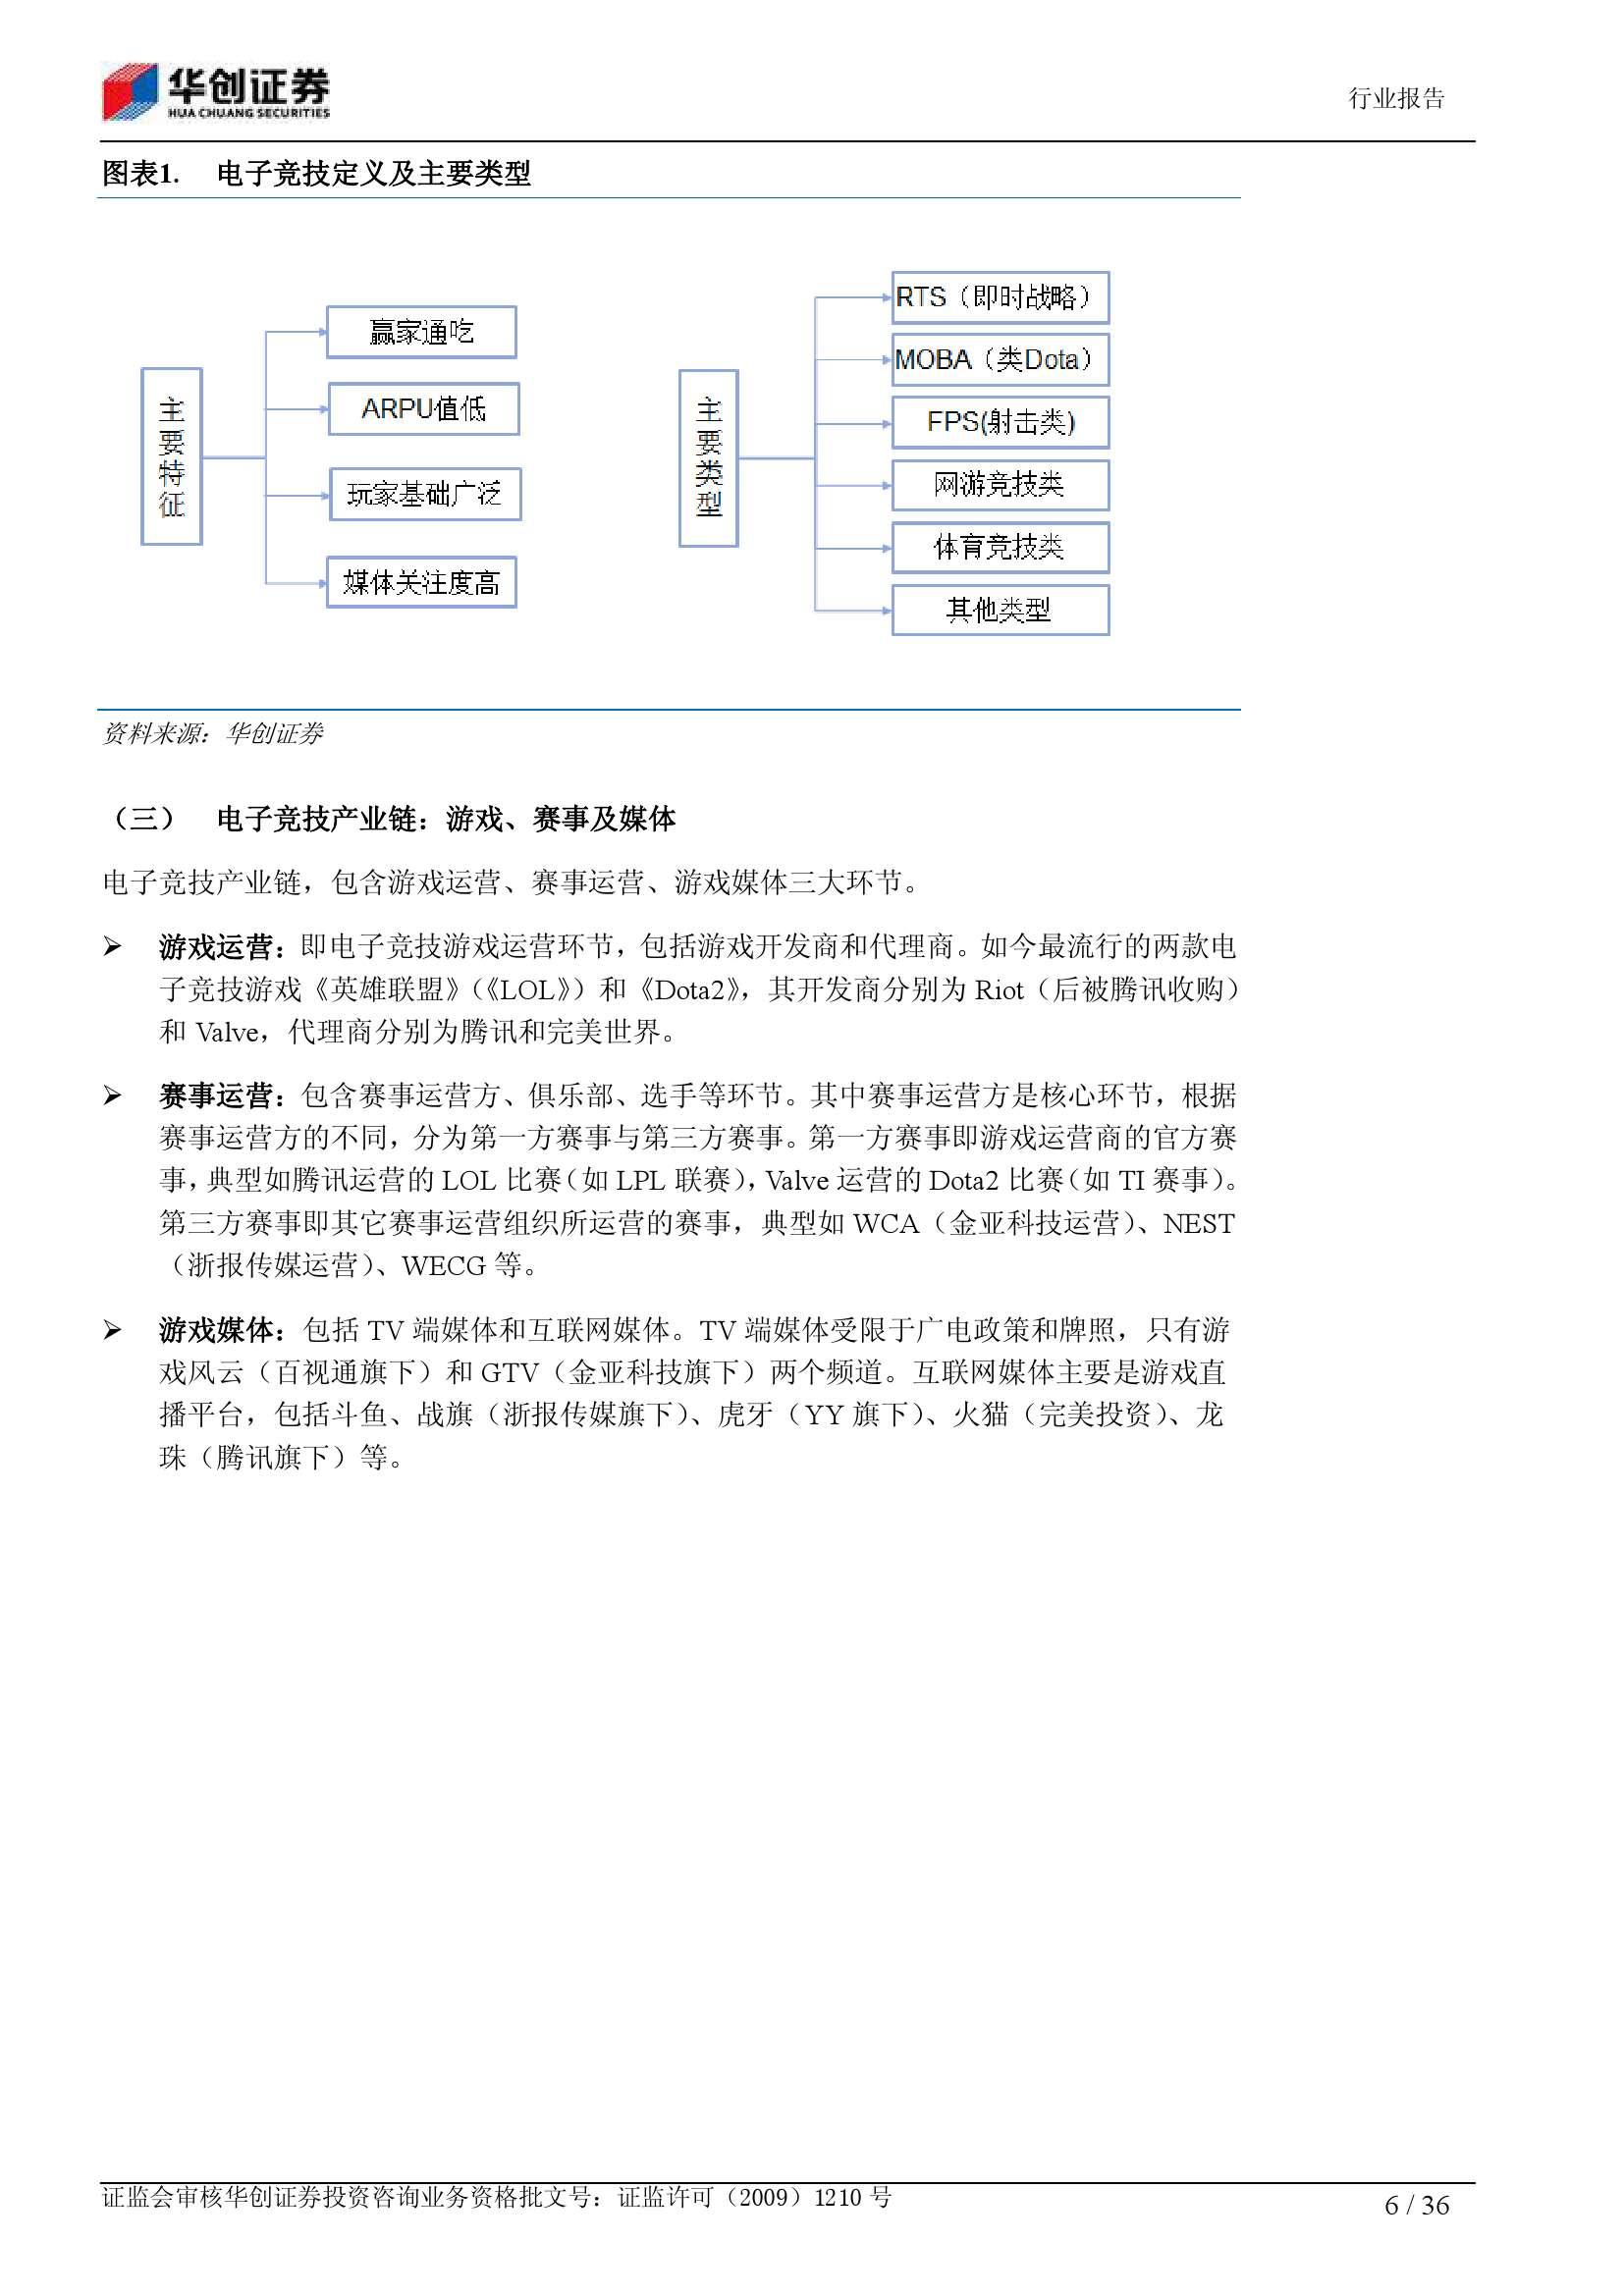 电子竞技深度报告:从小众娱乐 到千亿产业_000006